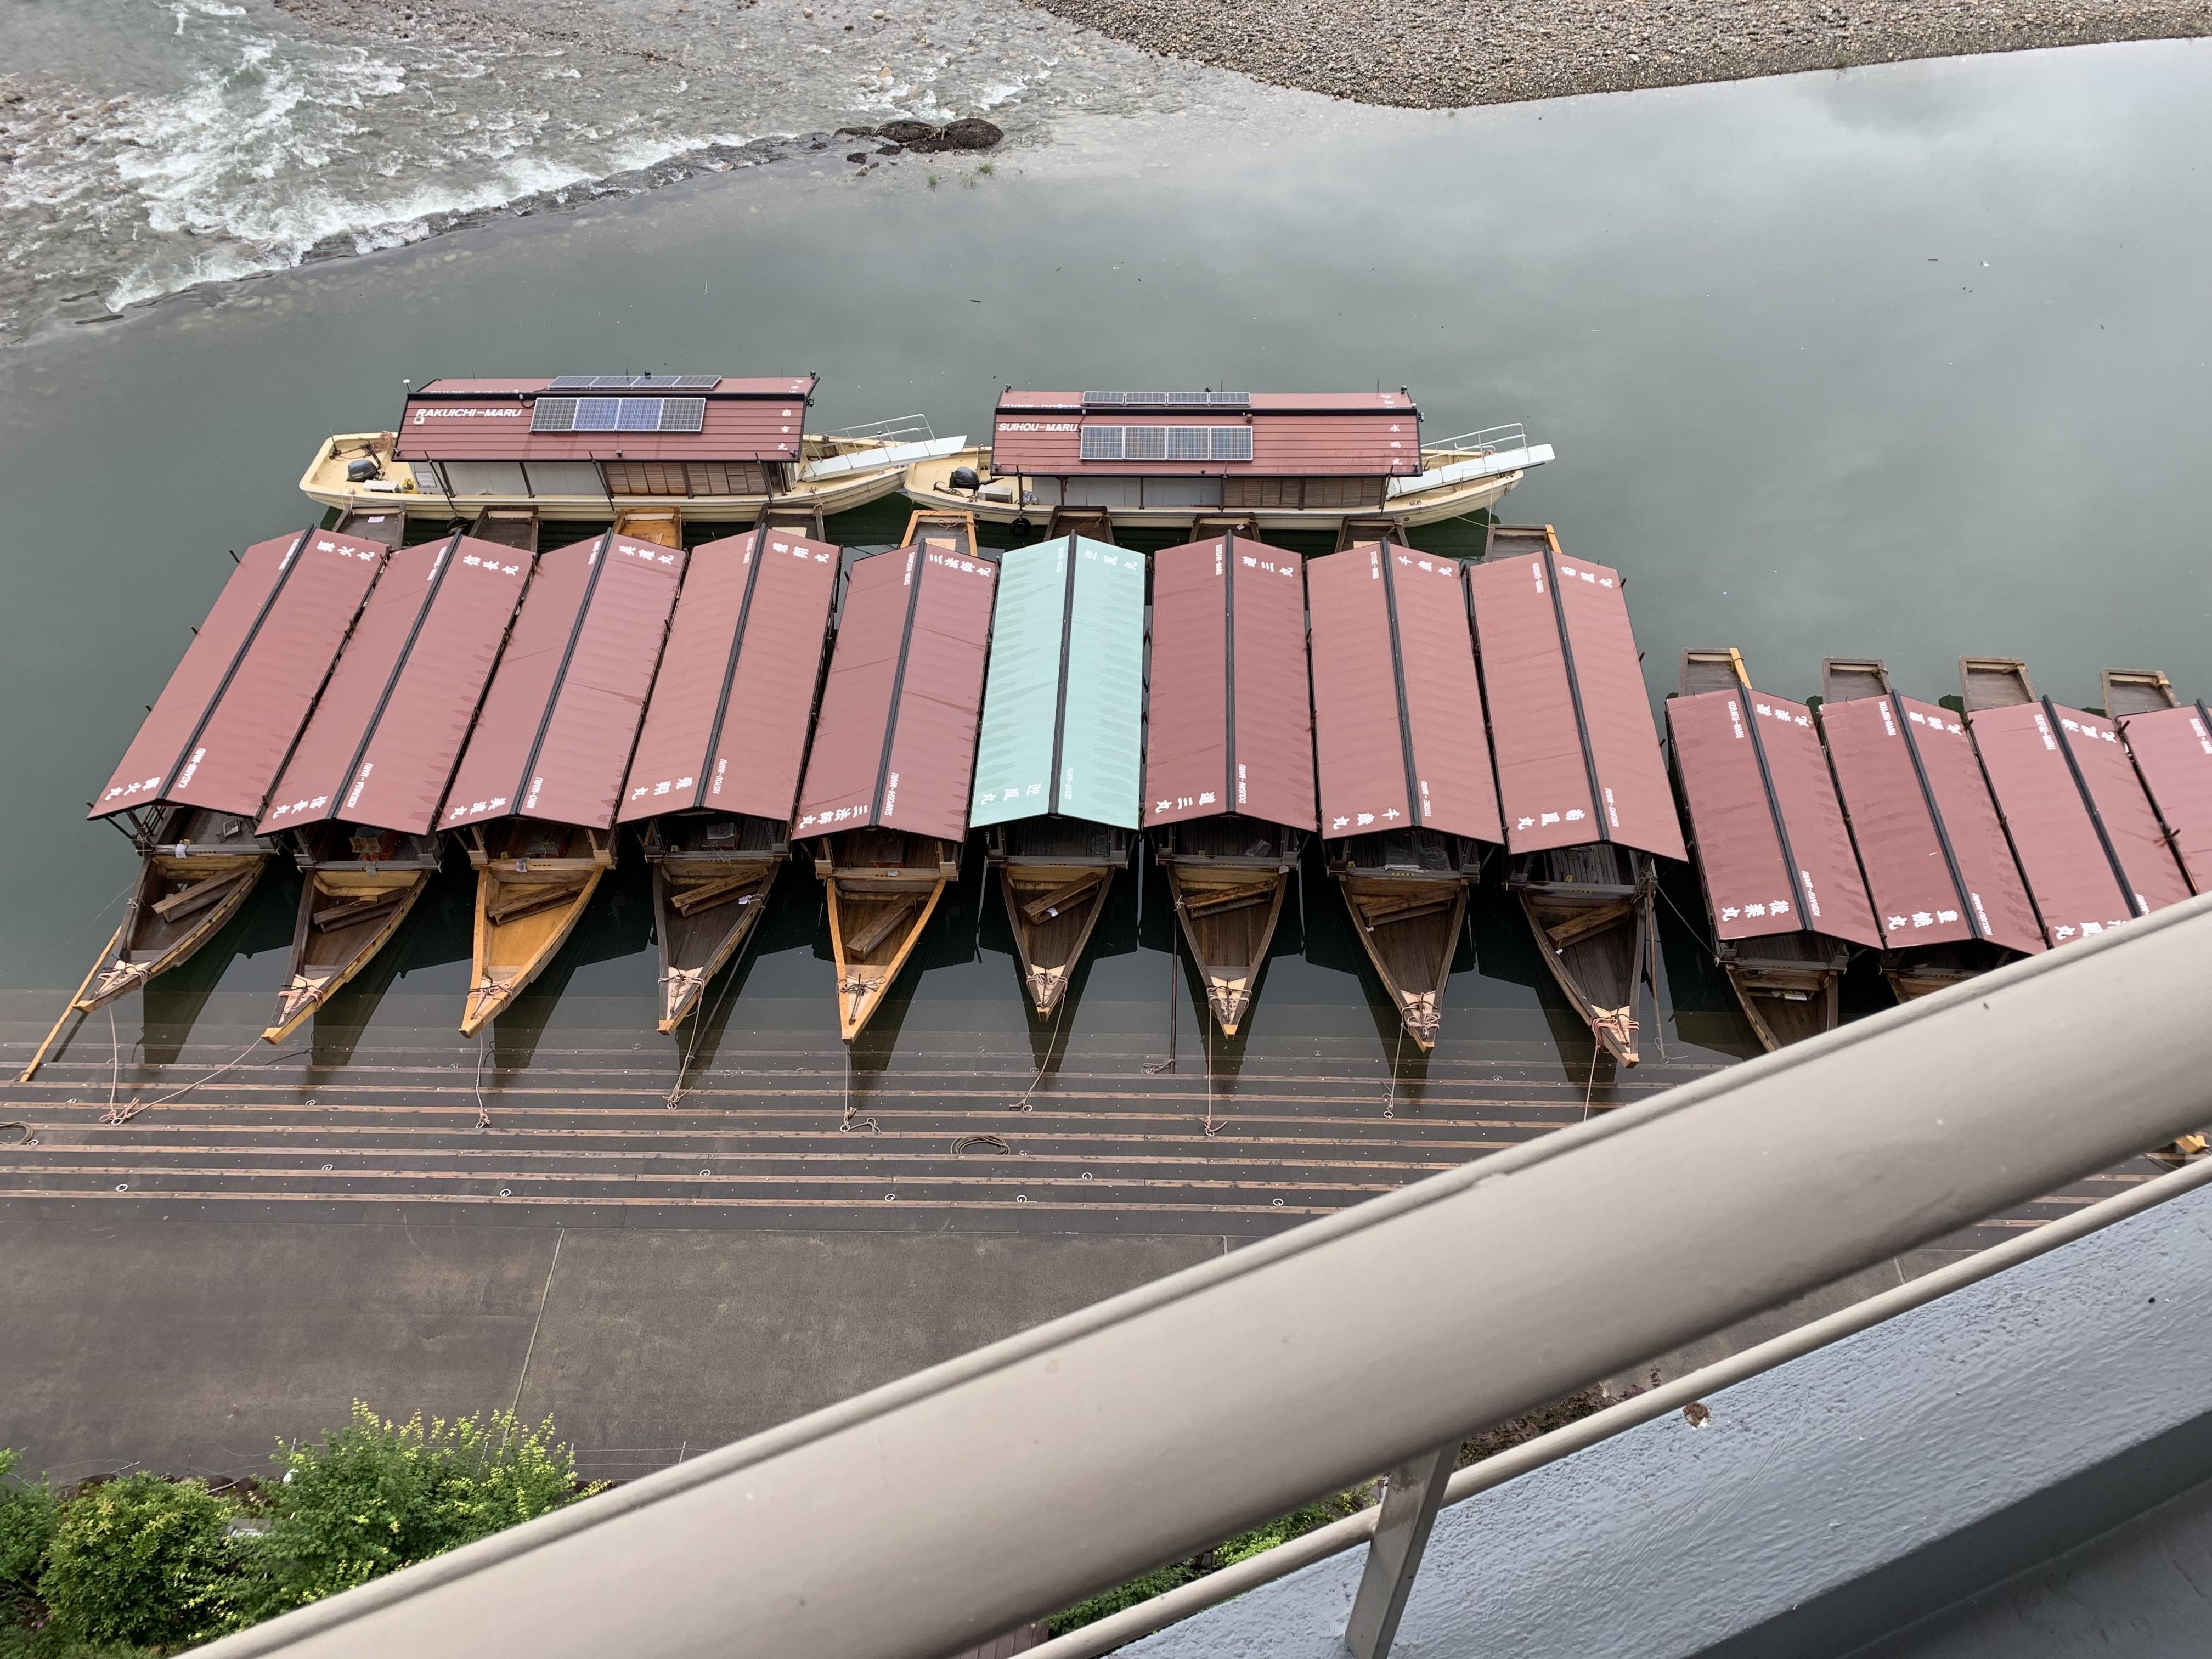 長良川温泉の旅館十八楼の景色